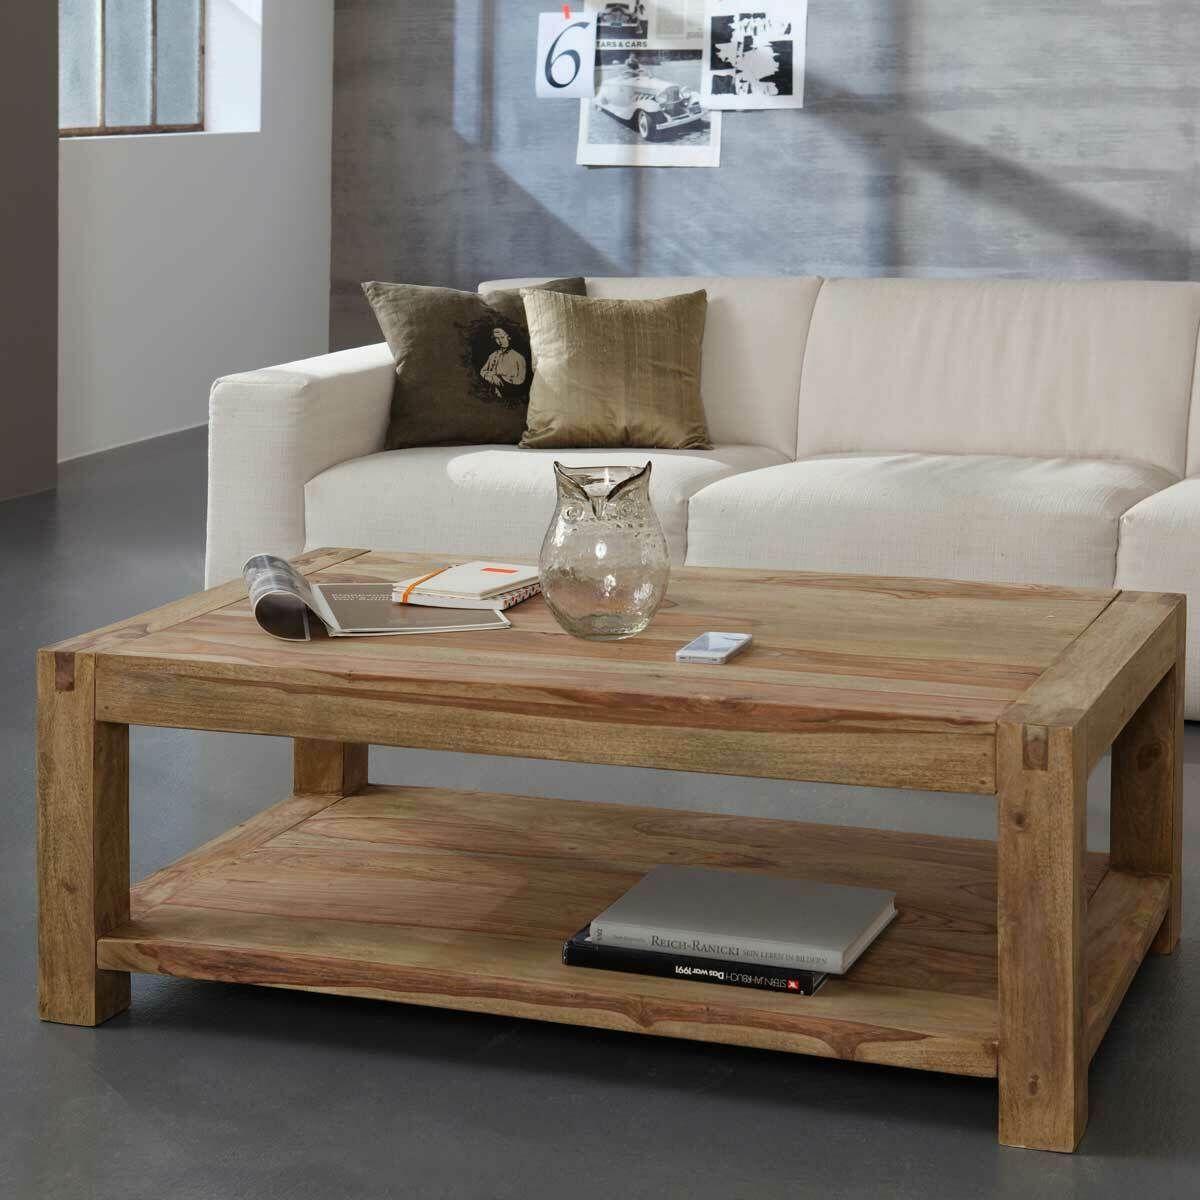 Couchtisch Yoga Sheesham Massivholz Landhaus Wohnzimmertisch Wolf Mobel 120x80 Ebay In 2020 Wohnzimmertisch Couchtisch Couchtische